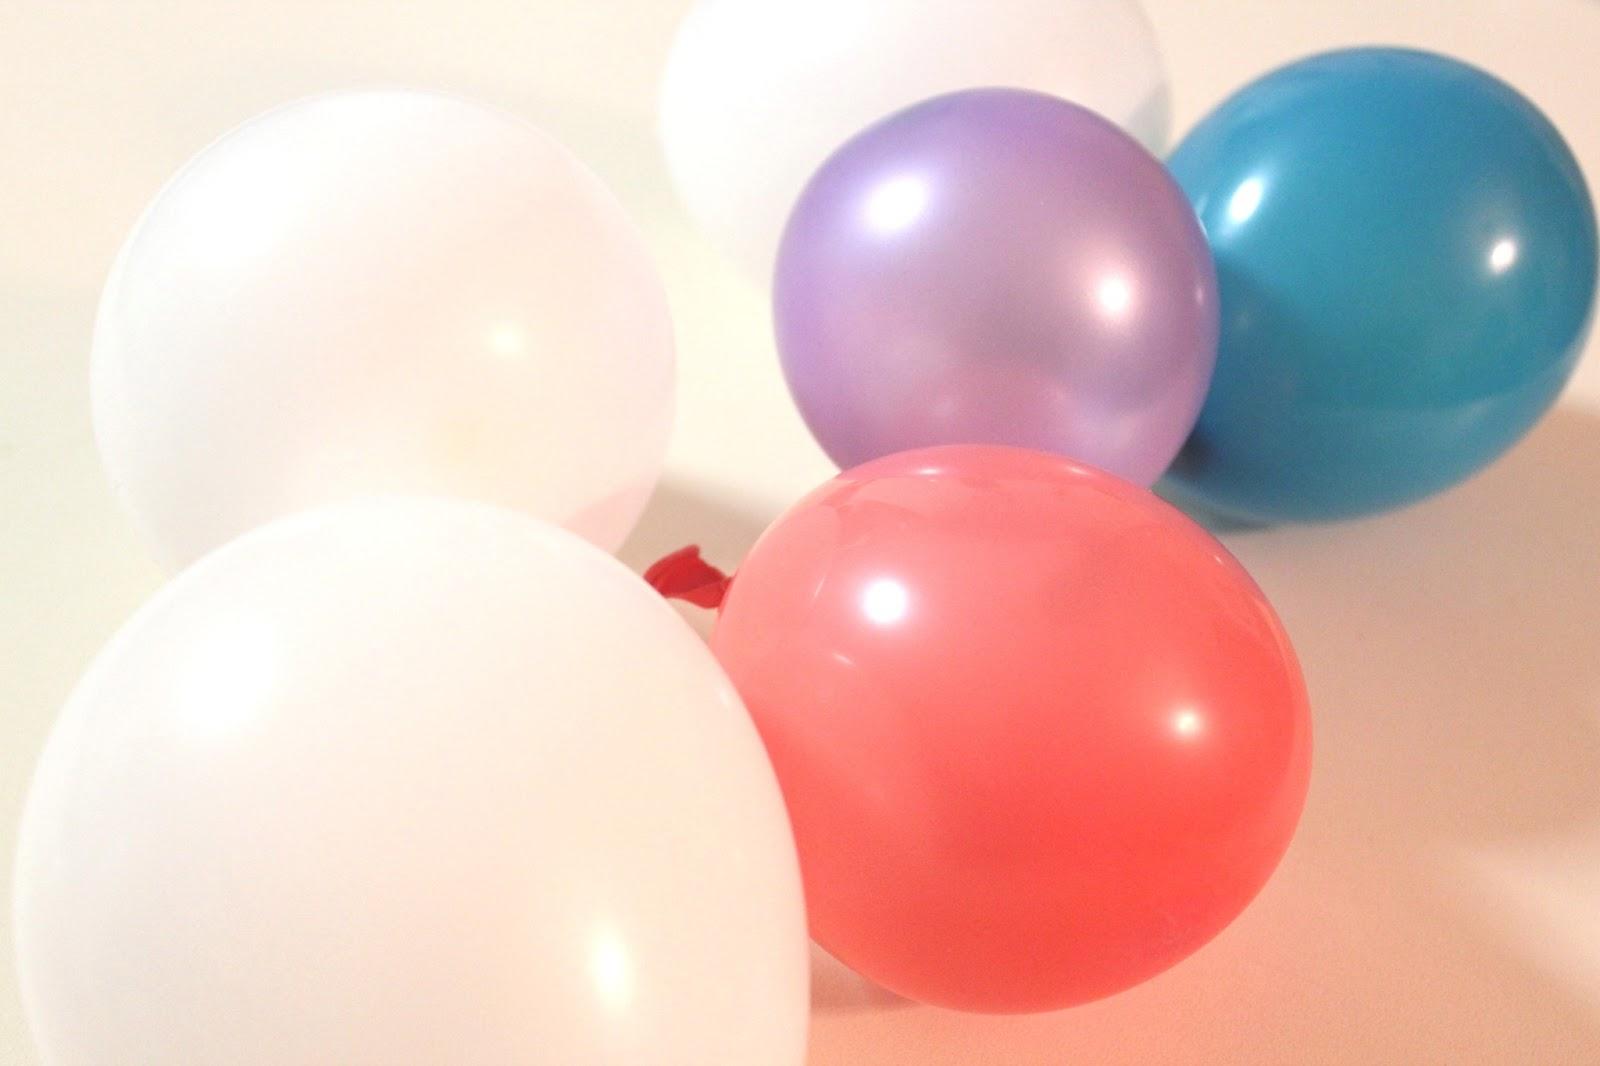 Mengembangkan balon tanpa meniupnya